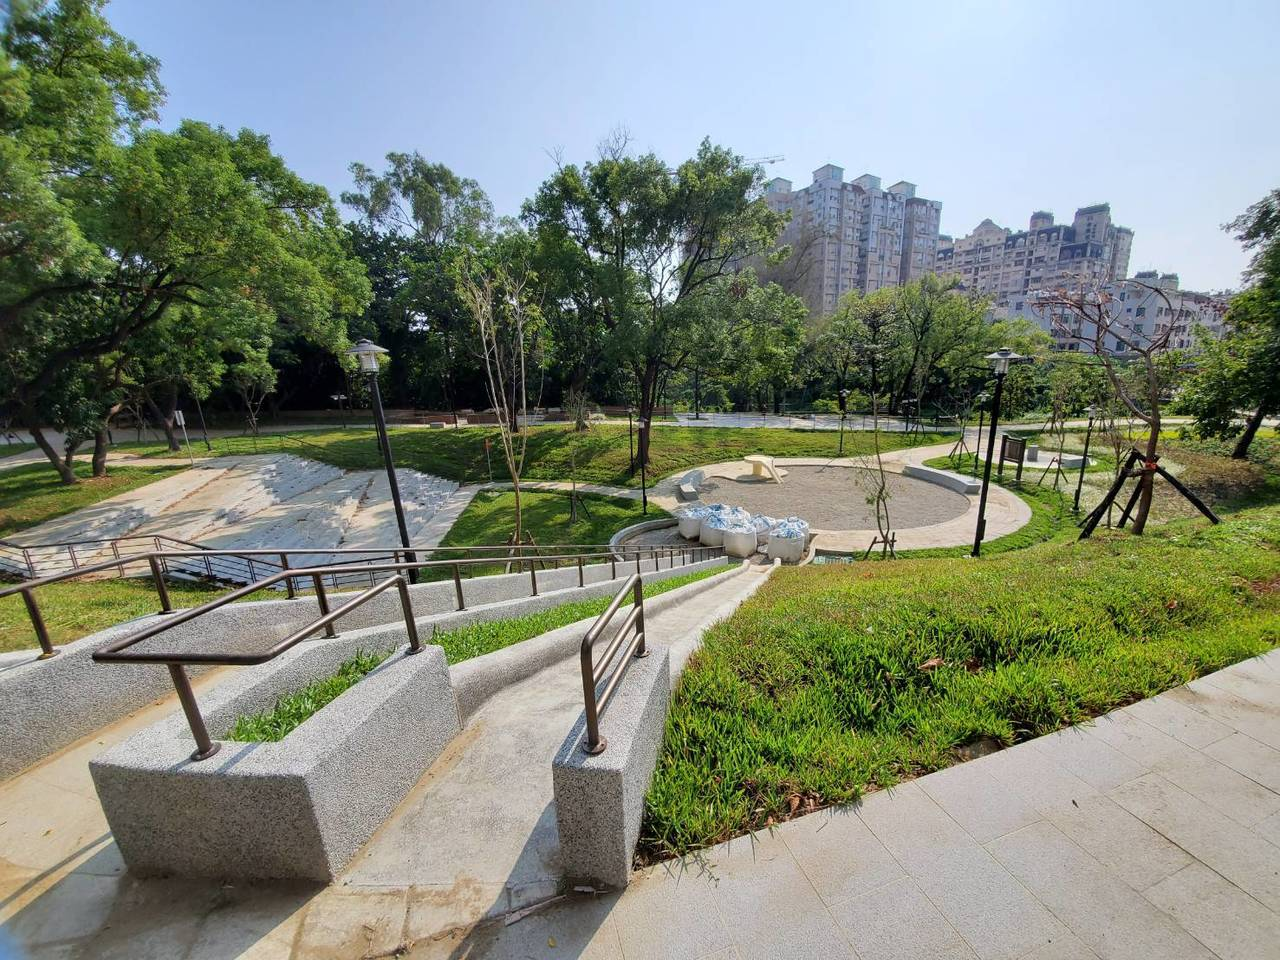 台南市永康區公7特色公園將在本月中完工,將有台南最長的地景式溜滑梯,並設有無障礙...